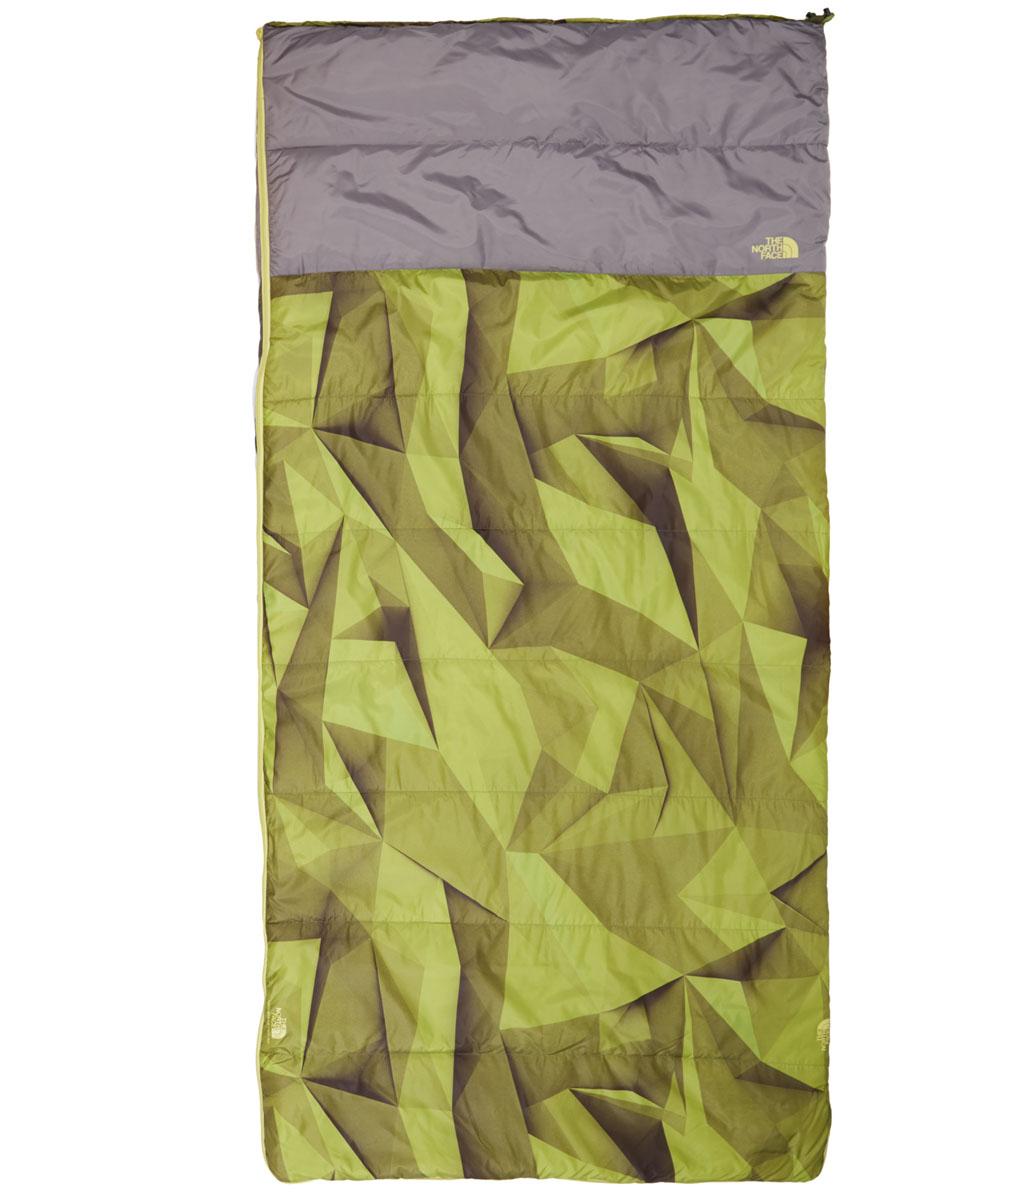 Спальный мешок The North Face Homestead Twin 40/4, цвет: зеленый. T0CJ2YHAPRH REGATC-F-01Вершина кемпингового комфорта и стиля - огромный синтетический спальный мешок размером со стандартный двойной коврик. Вполне вероятно, Homestead Twin - самый большой одиночный спальный мешок на рынке, но таким, конечно, не жалко и поделиться.